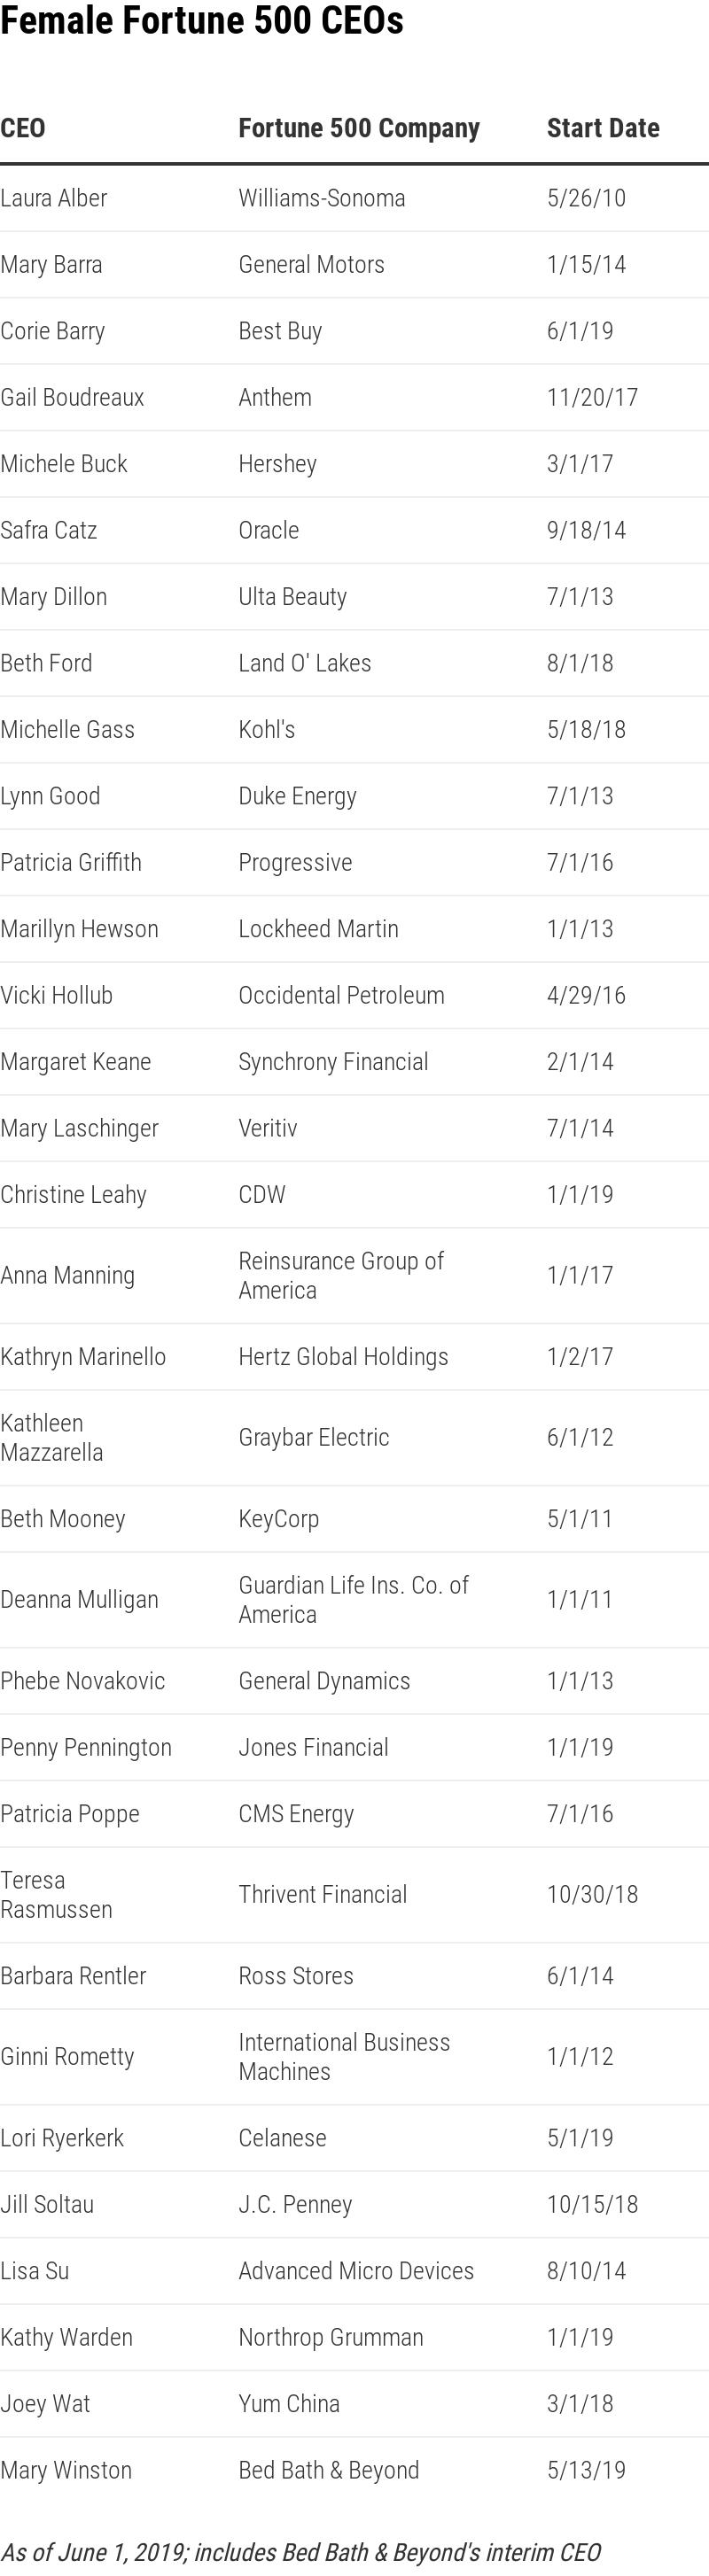 Lista de CEOs mulheres, respectivas empresas e data de início no cargo